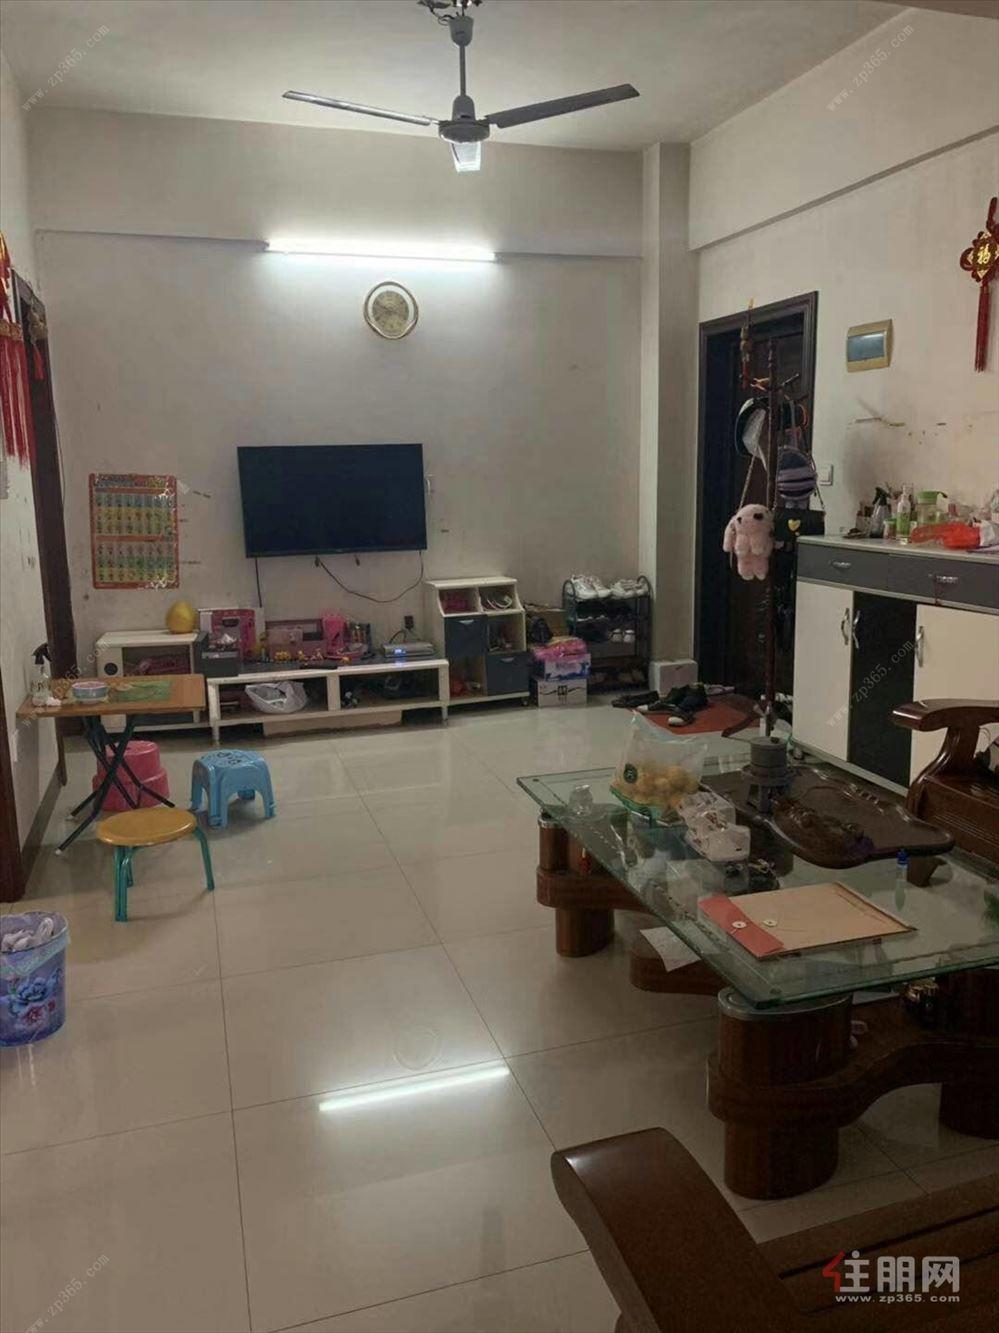 中华苑B区  简装三房80平 仅售36万